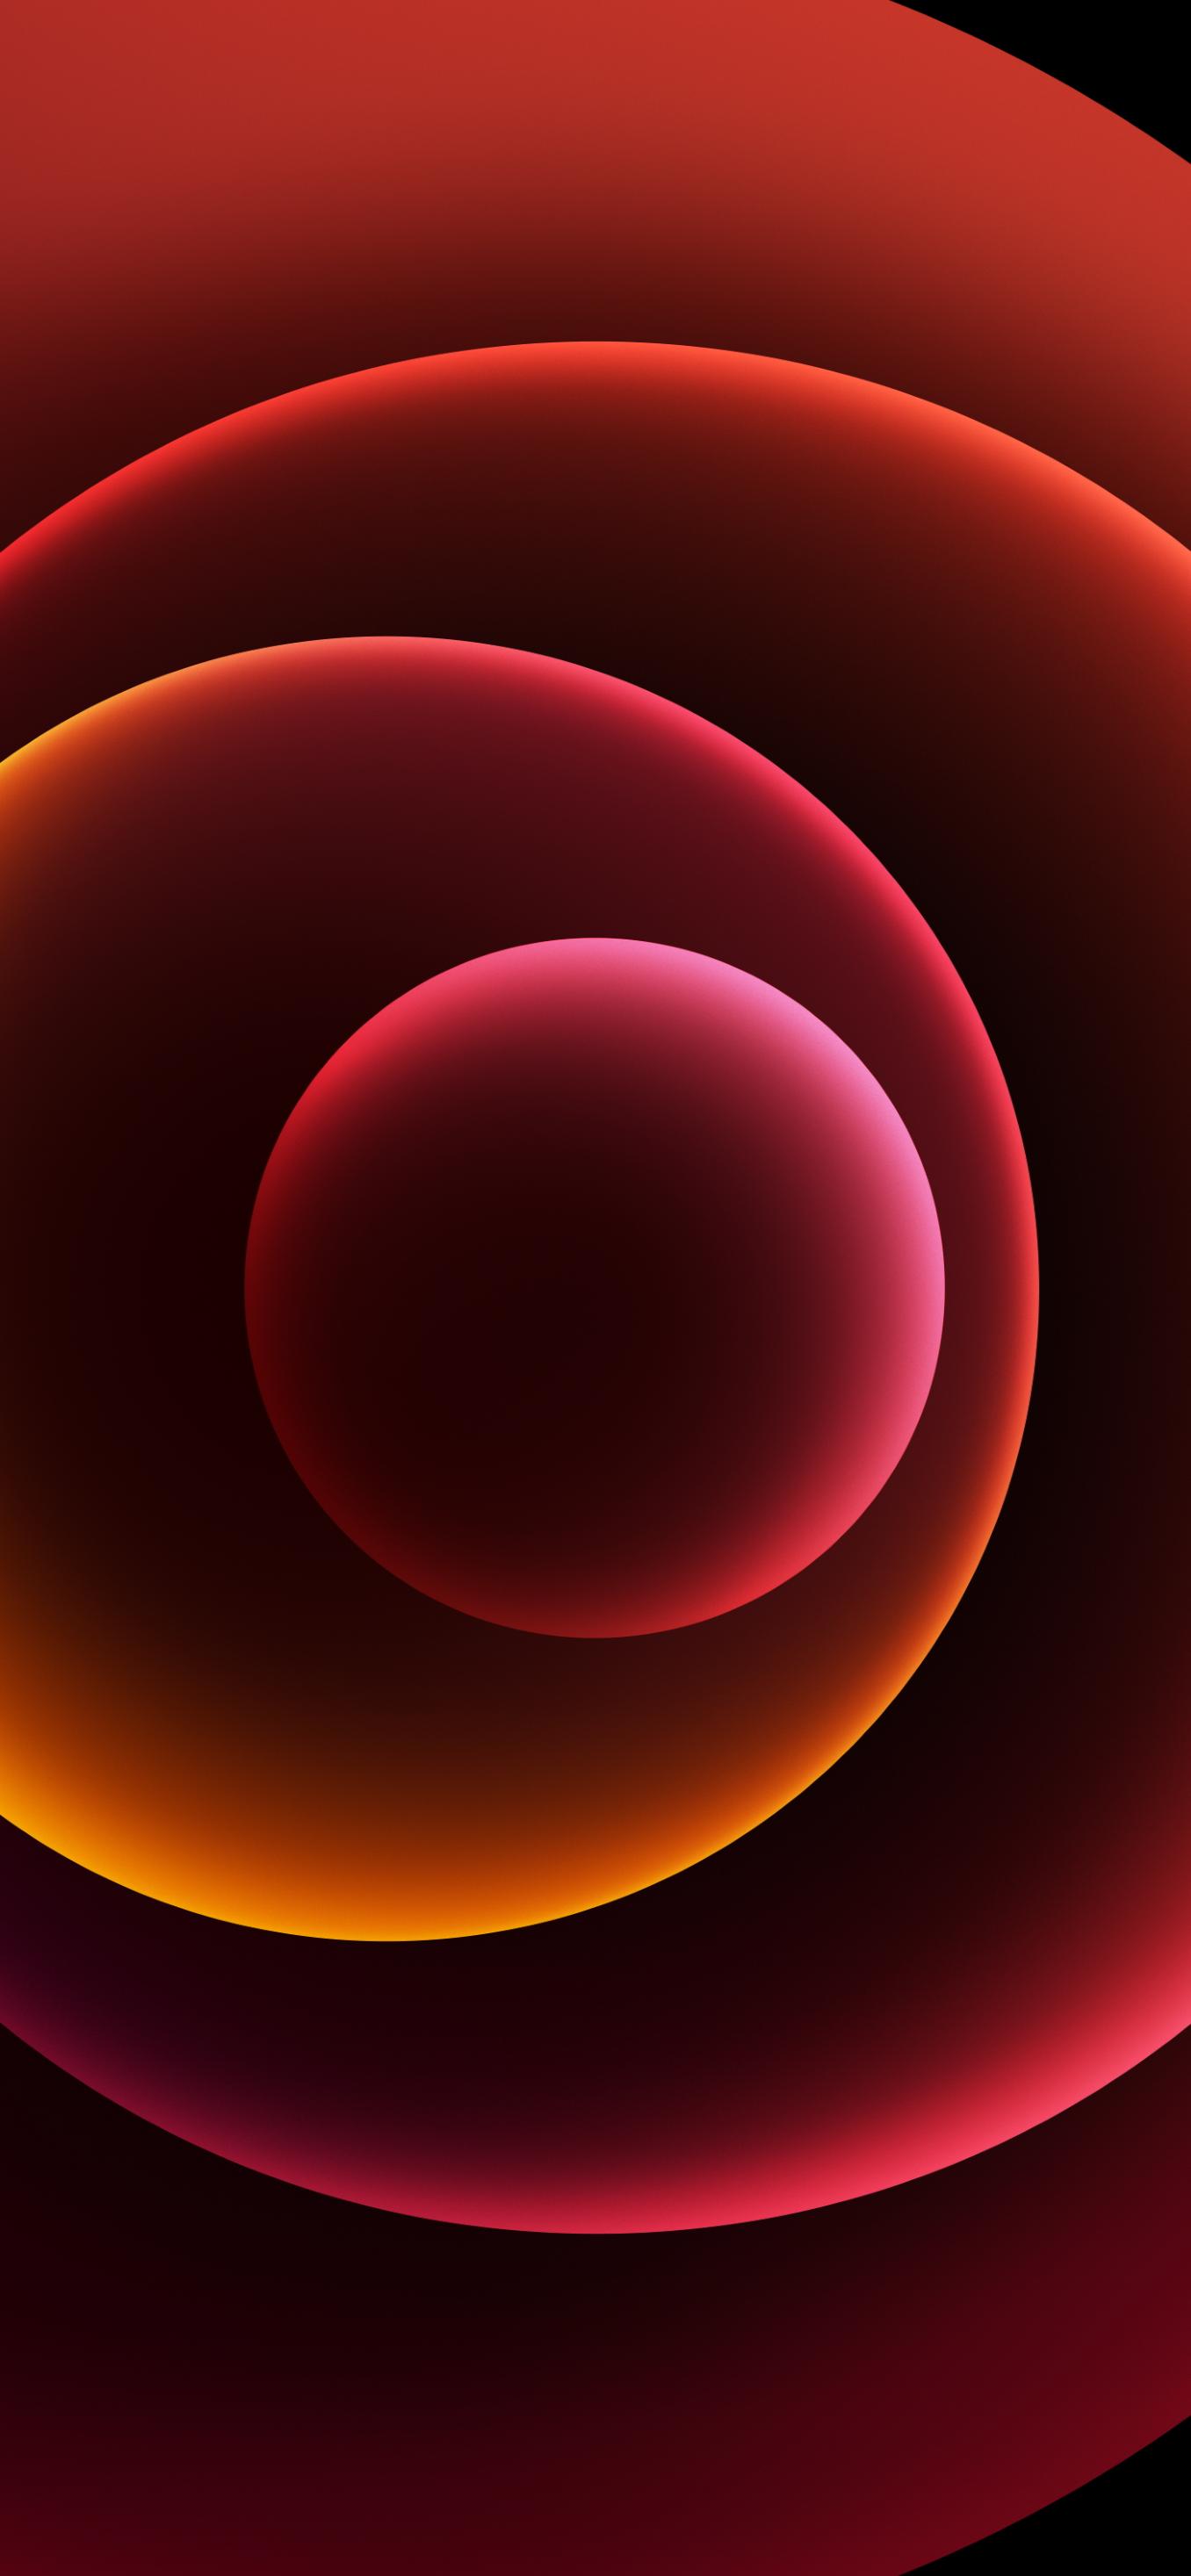 Hình nền iPhone 12 đỏ đen